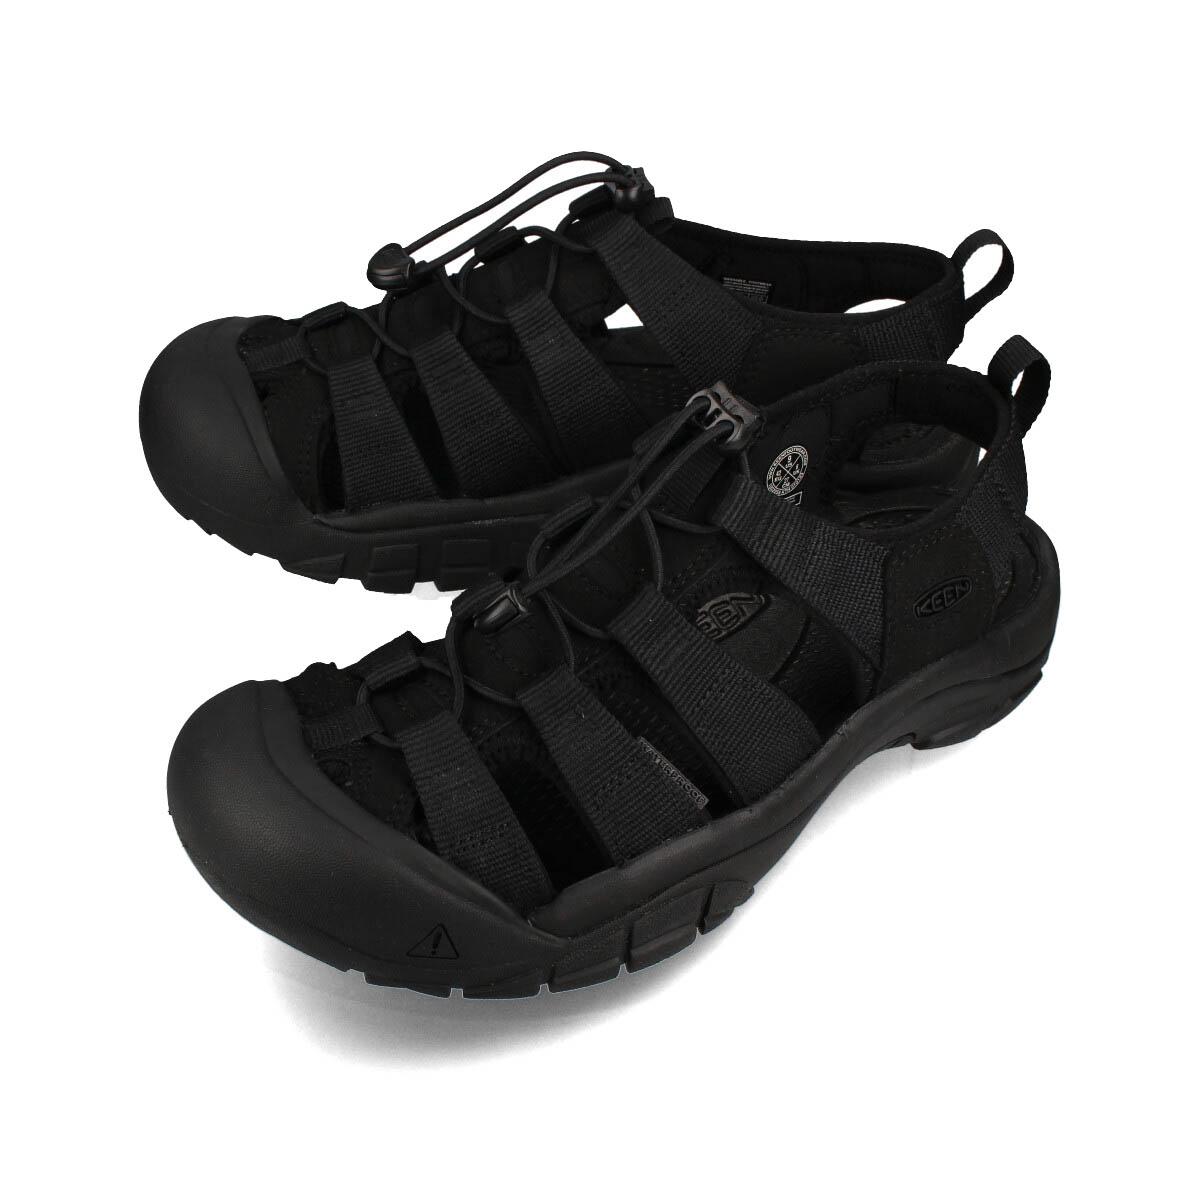 KEEN MEN NEWPORT H2 【メンズ】 キーン メン ニューポート H2 TRIPLE BLACK 1022258